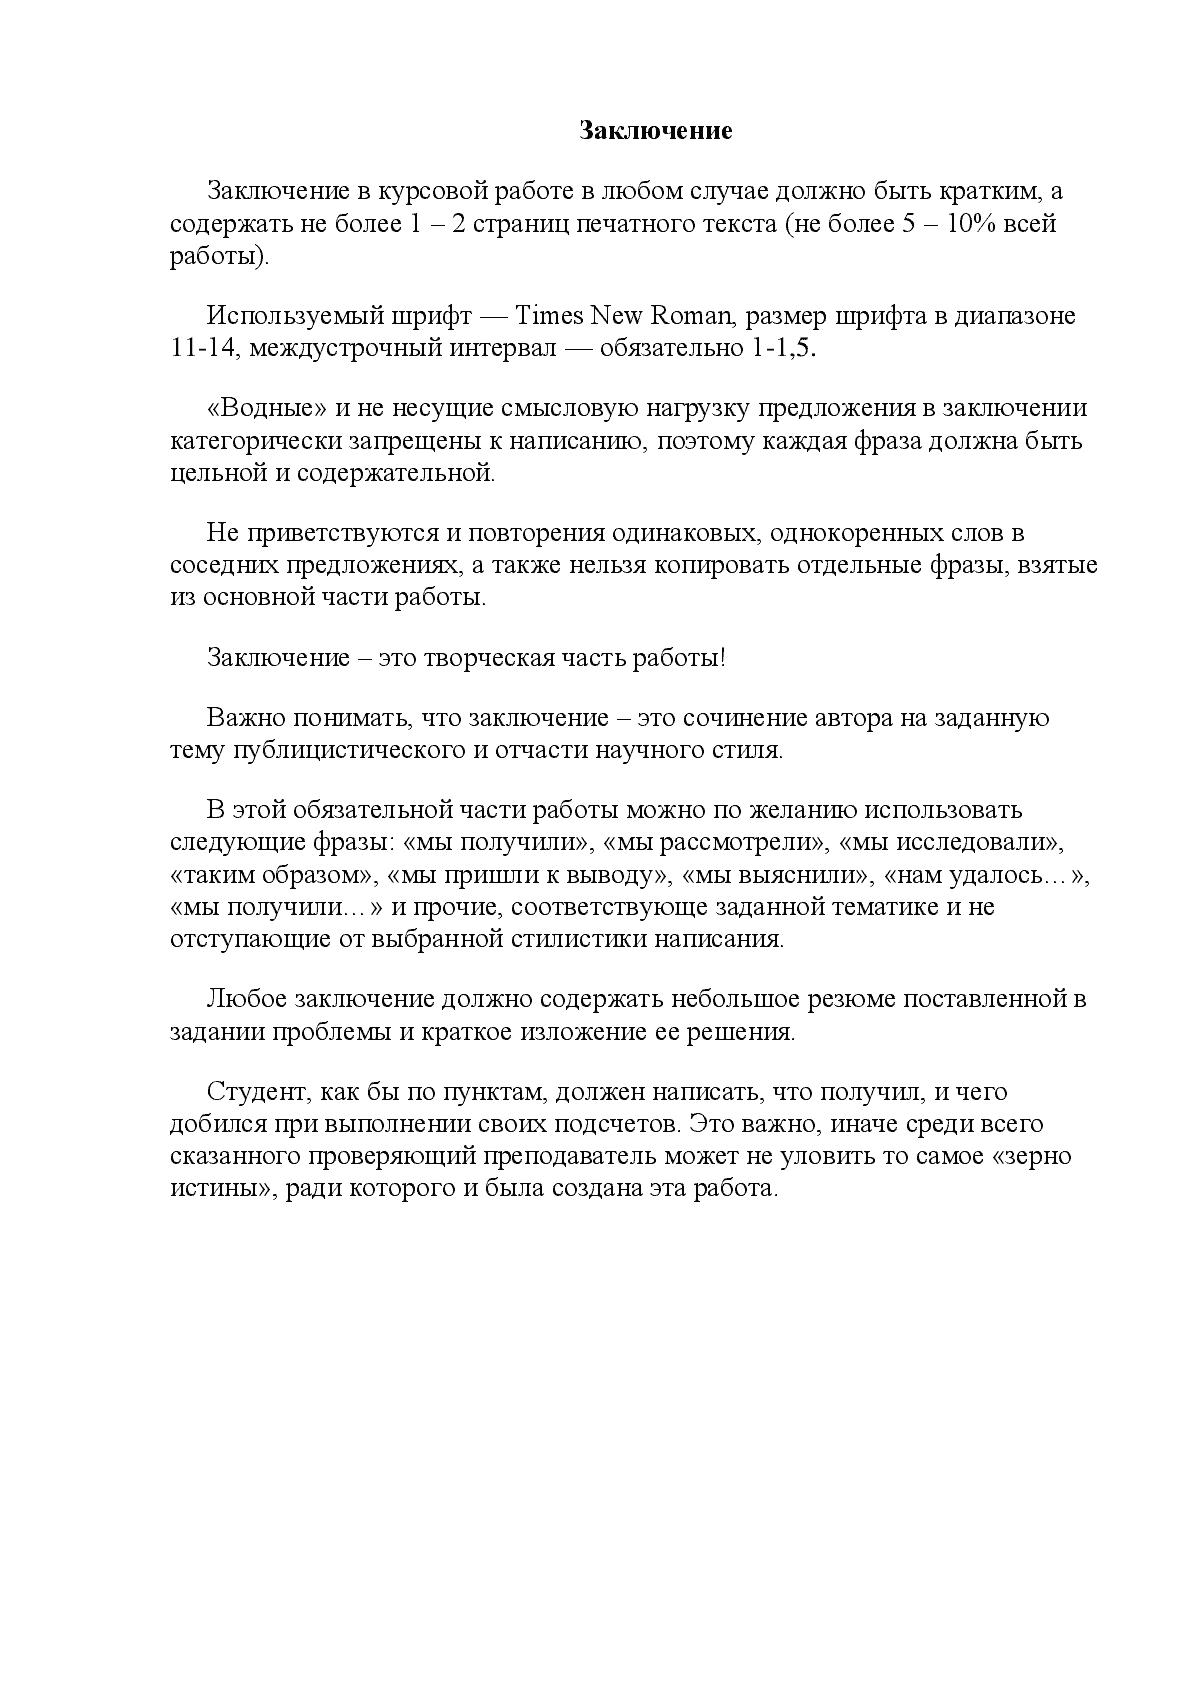 Выводы по курсовой работе 6212